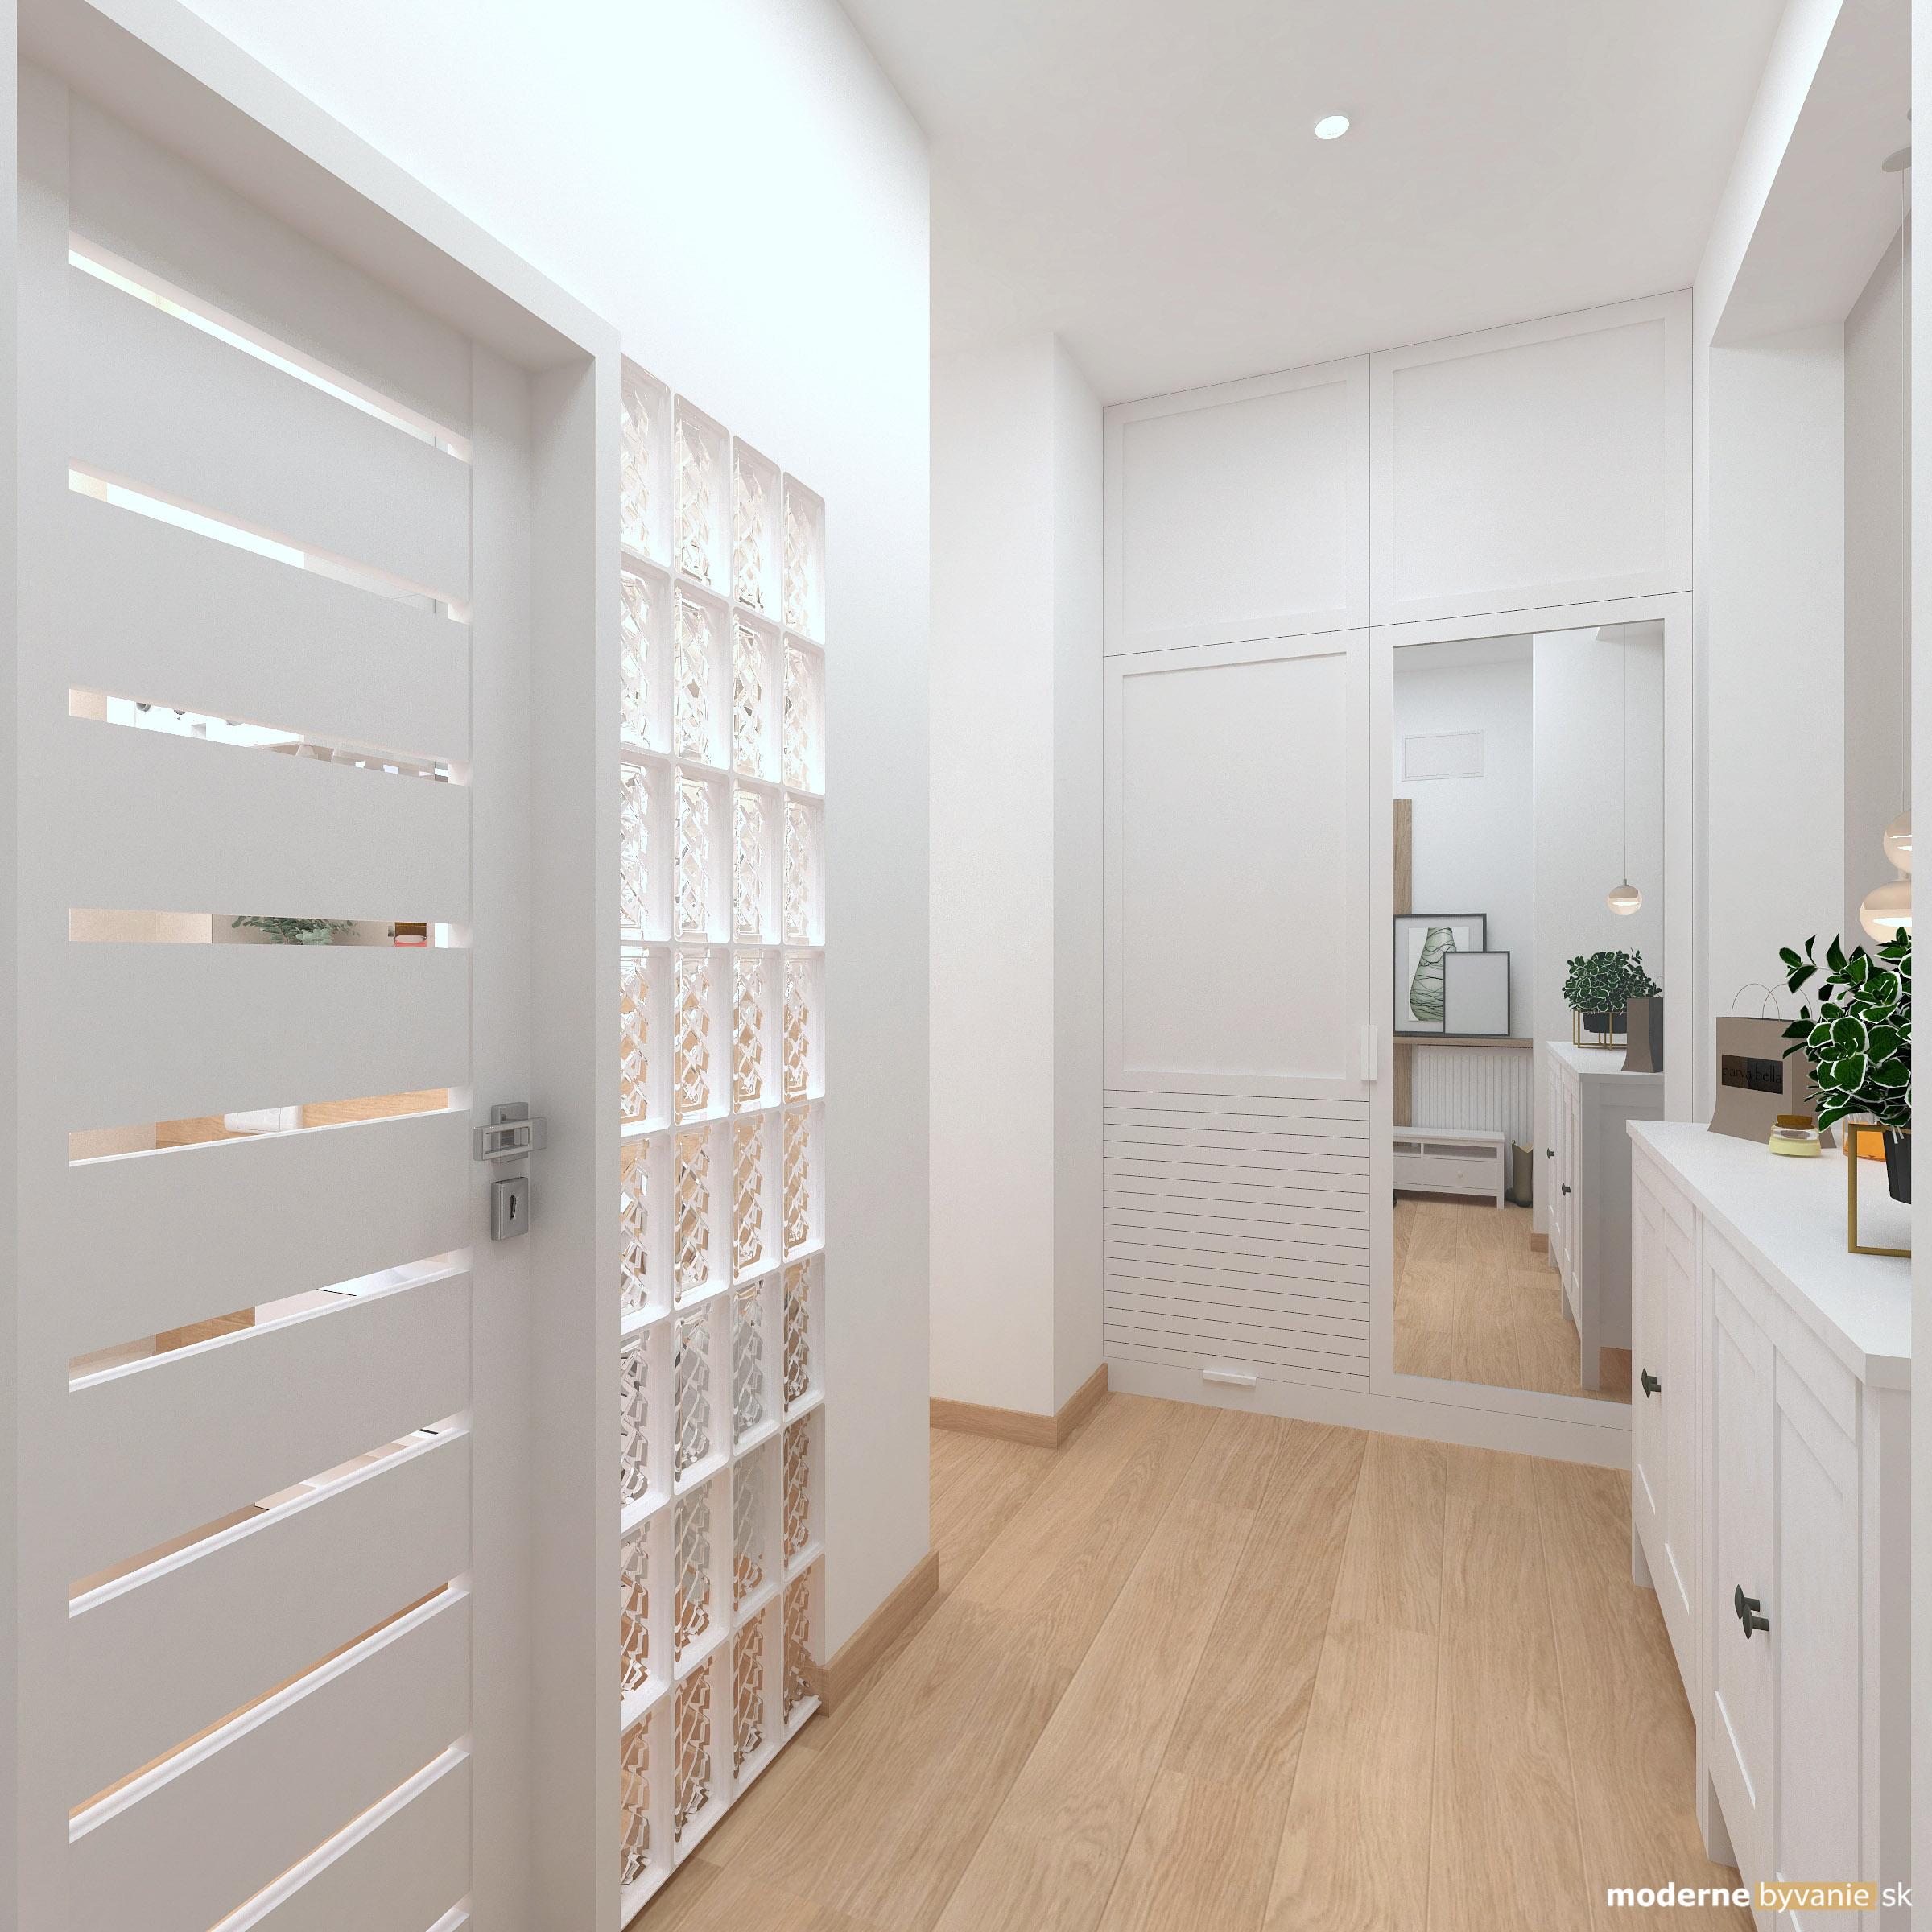 Návrh interiéru - Vstupná chodba - Bytový dizajn malého bytu s veľkou izbou